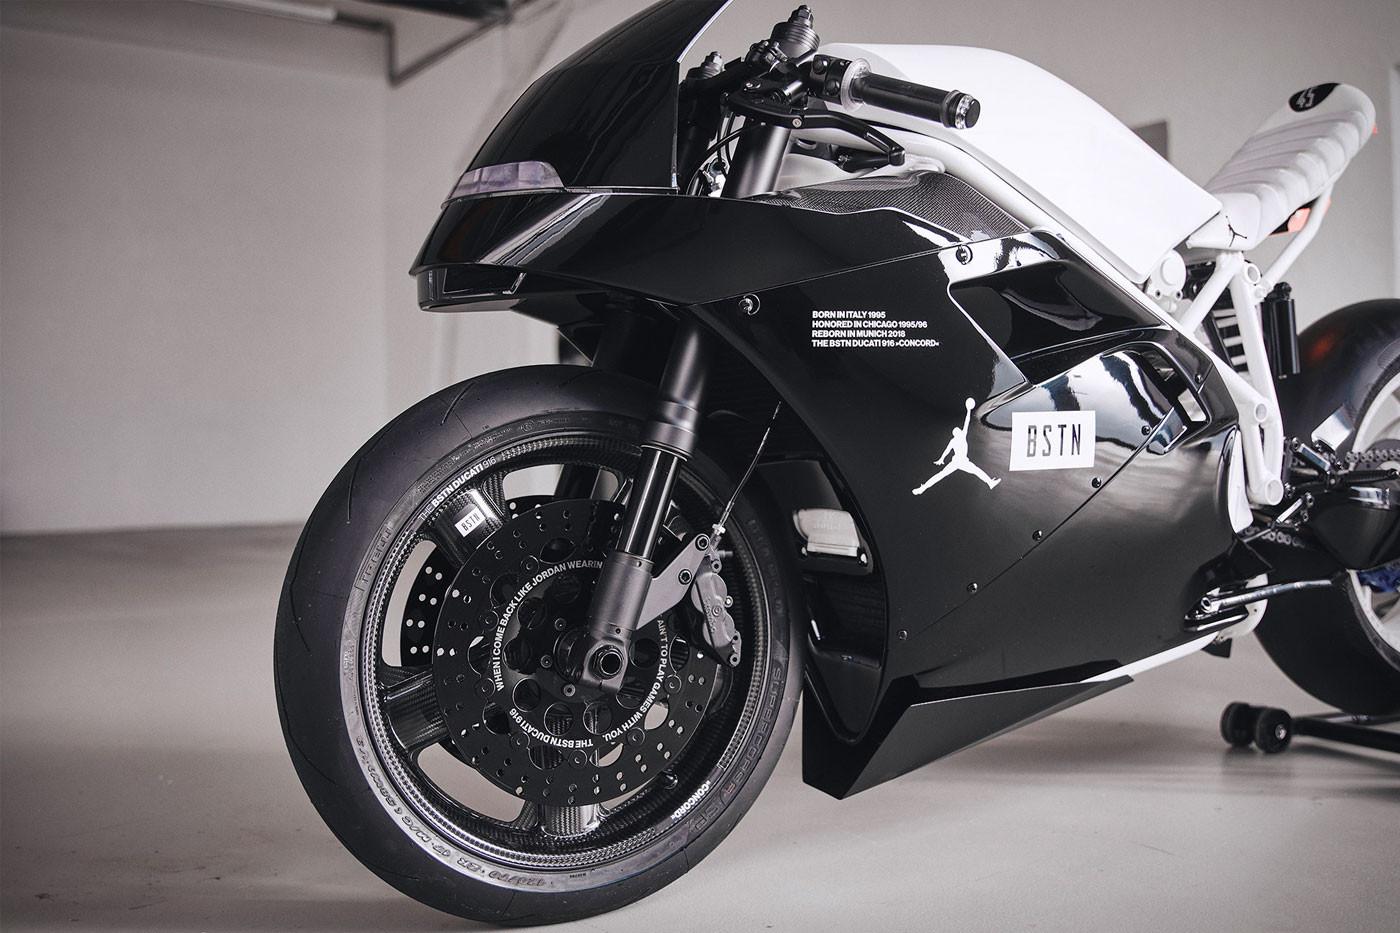 BSTN Ducati 916 'Concord'